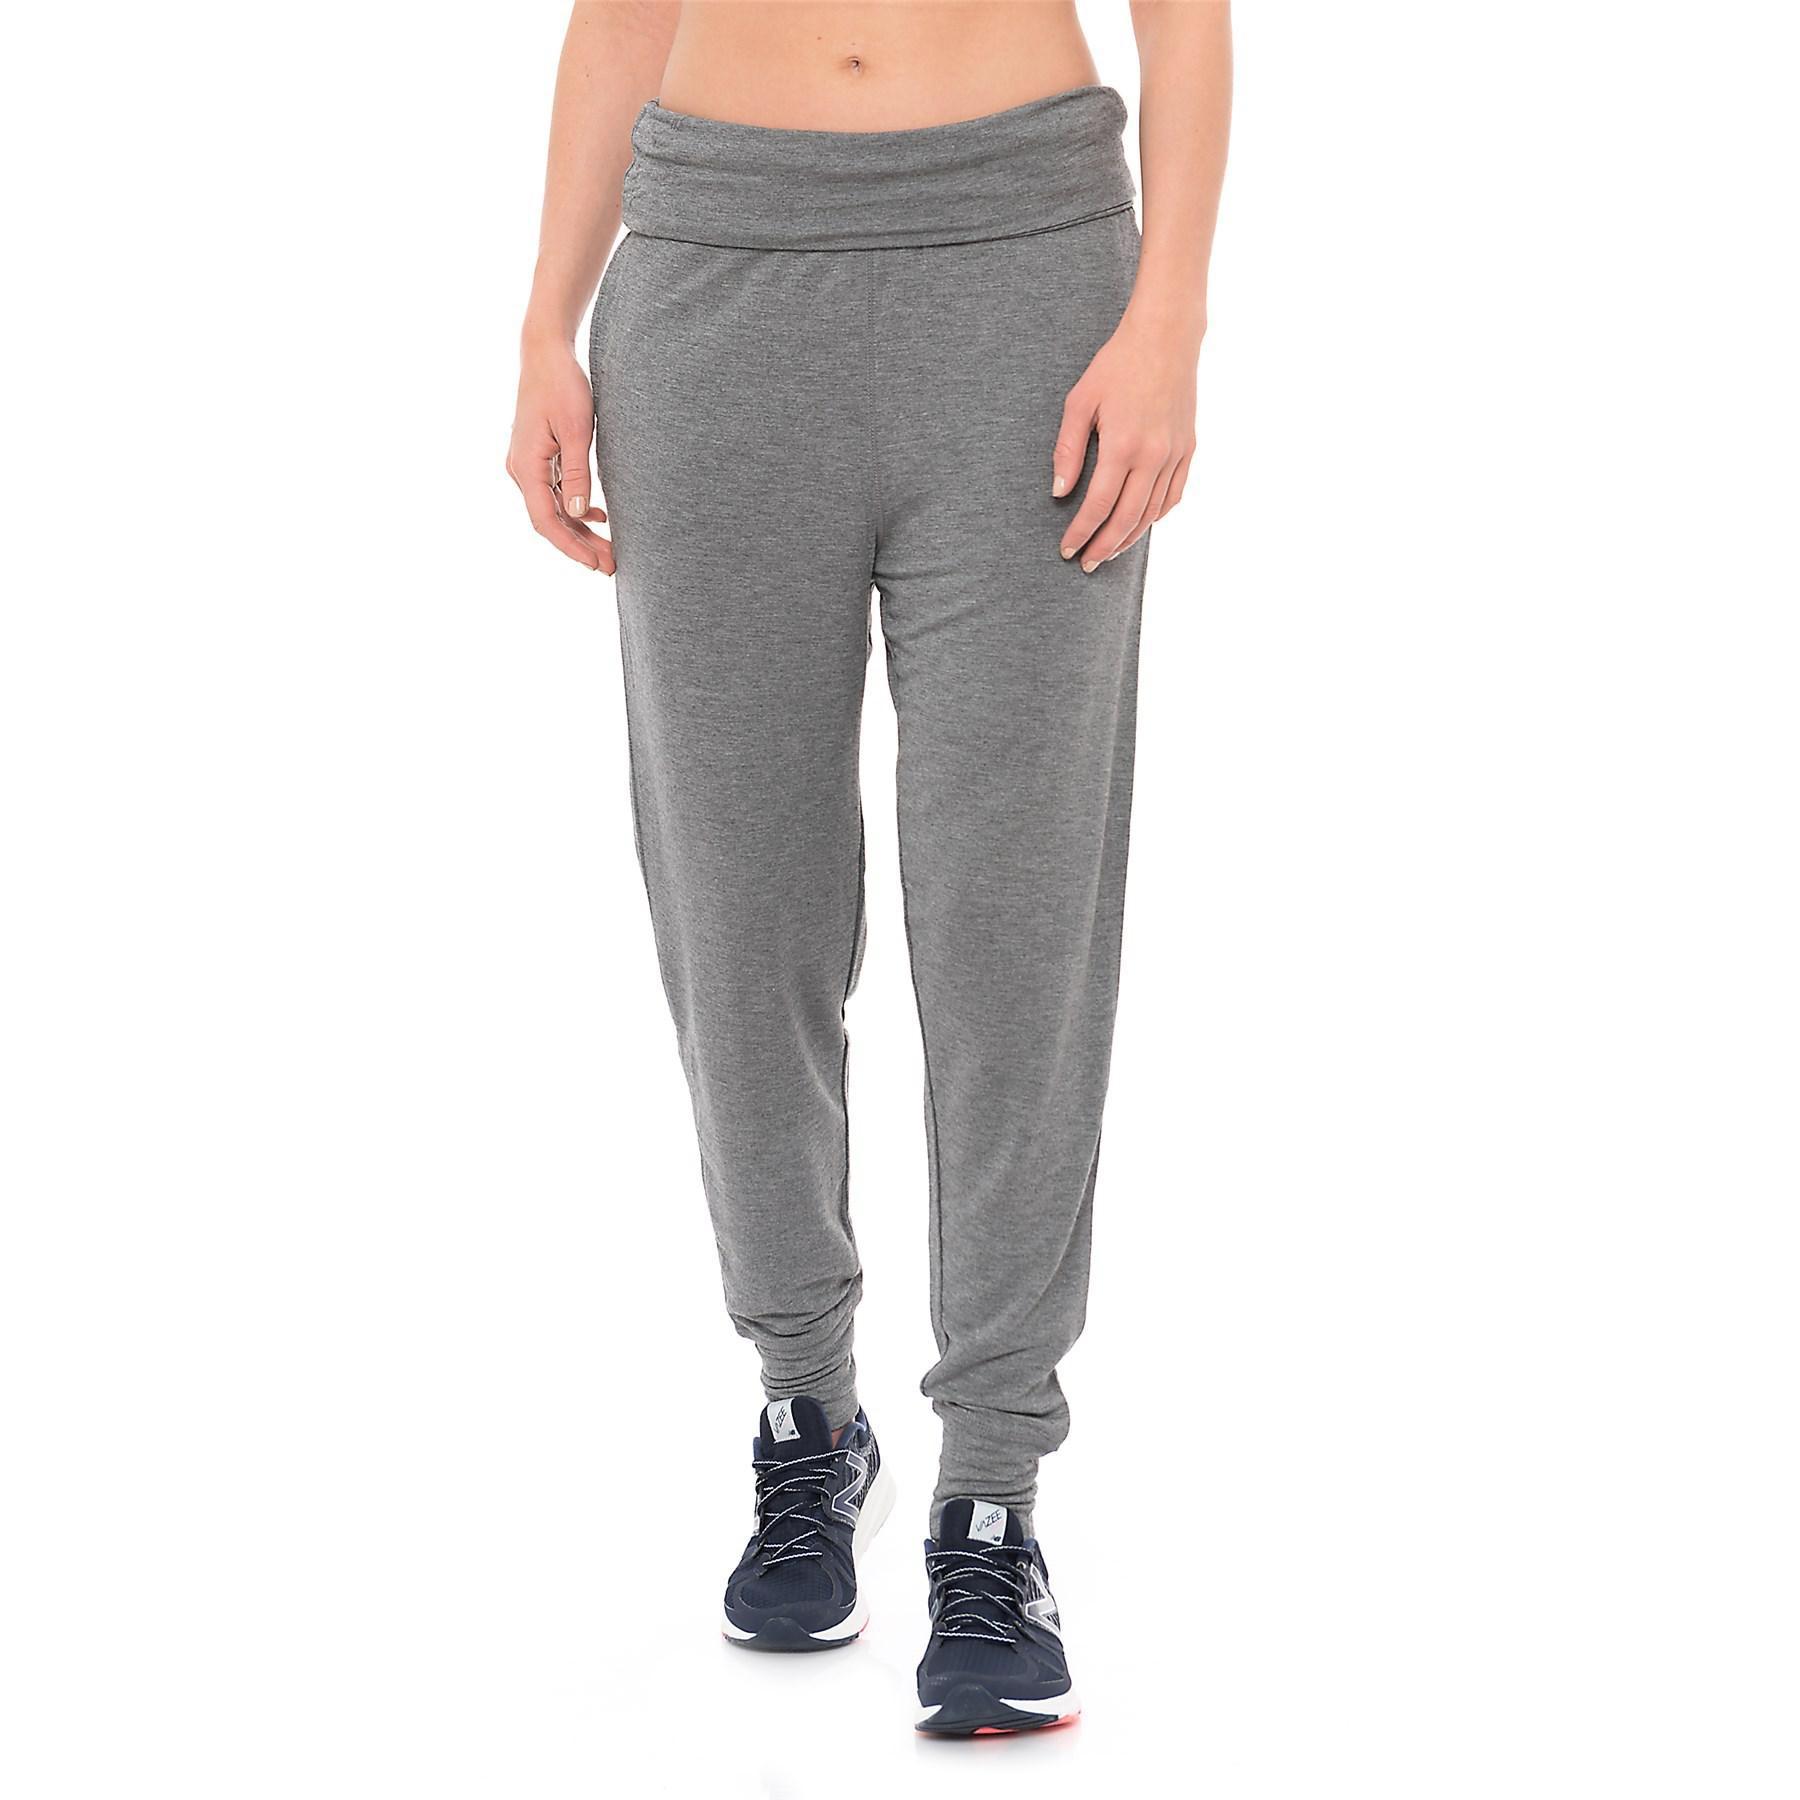 f1ca6620b9db1 Gaiam Piper Harem Joggers (for Women) in Gray - Lyst